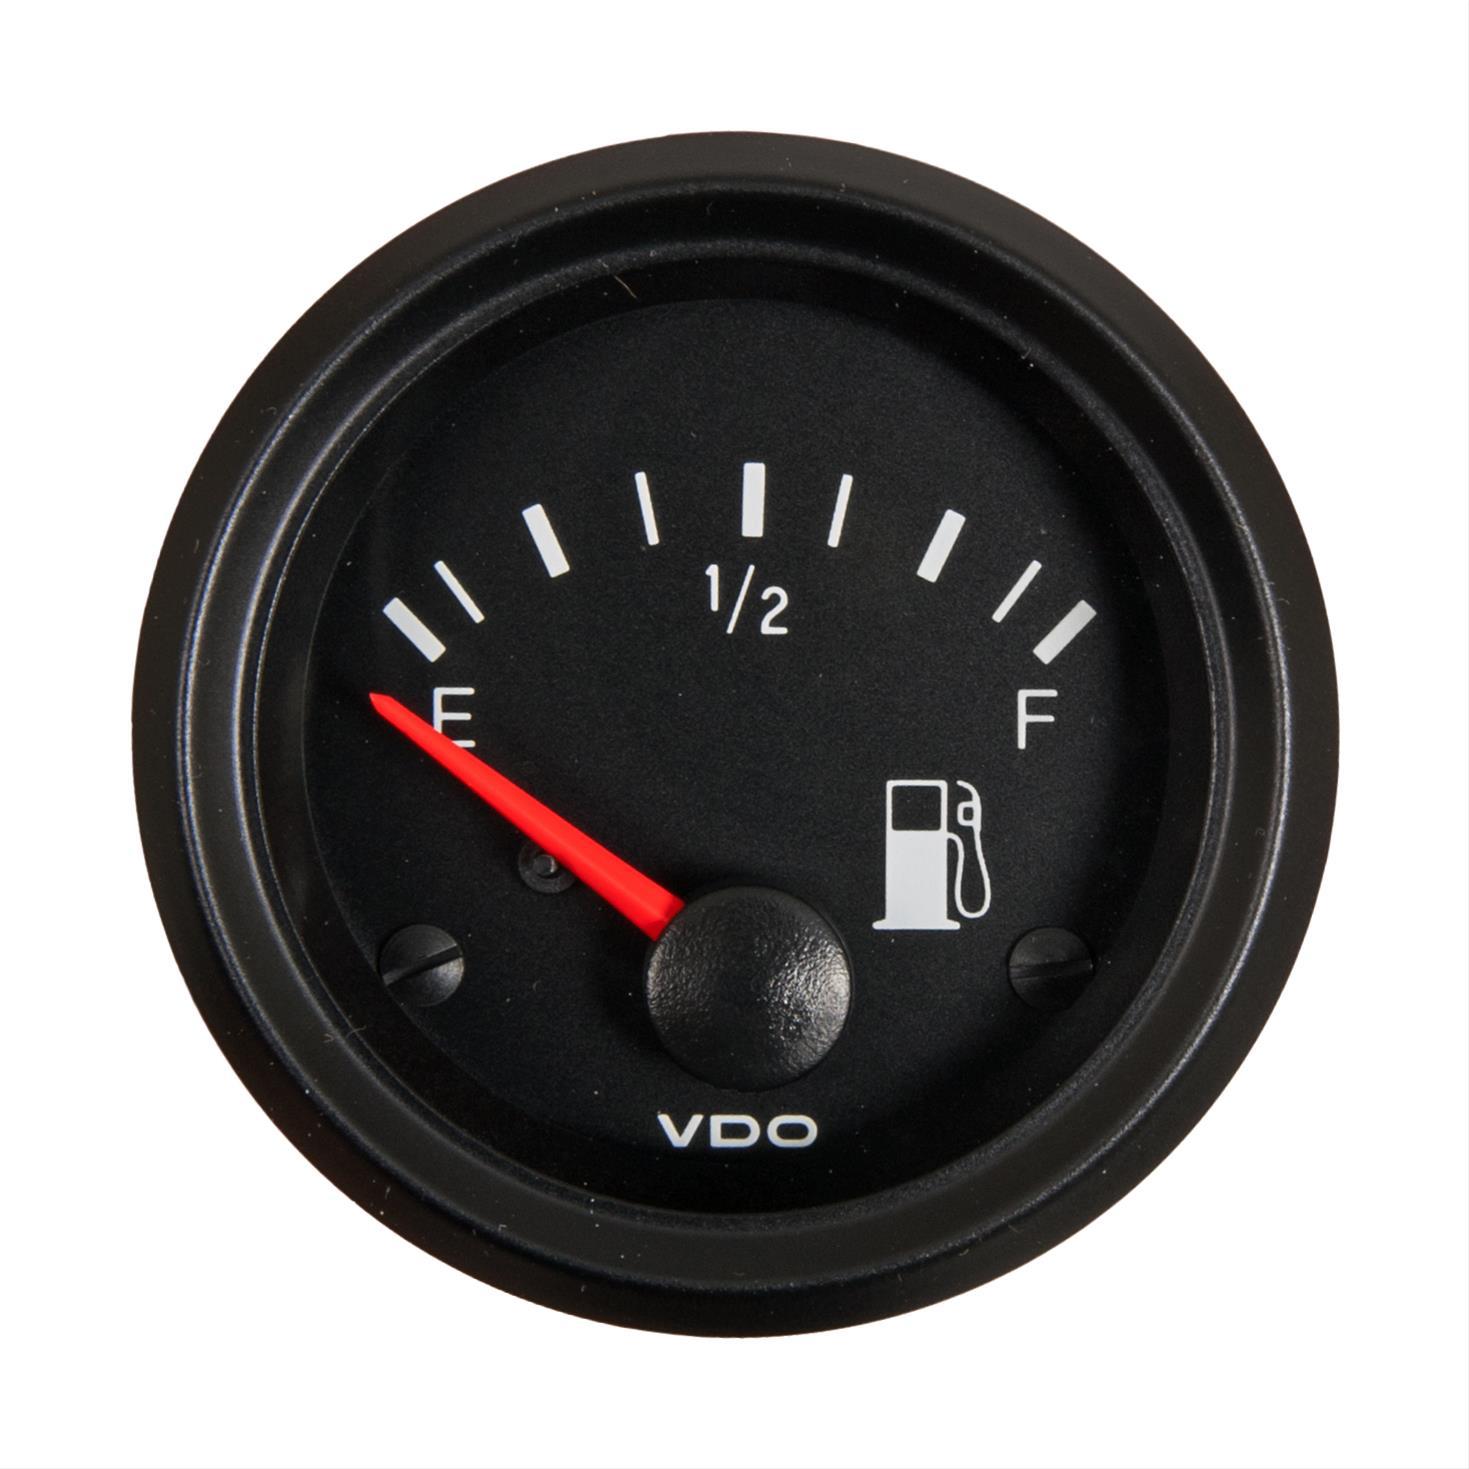 Vdo Tachometer Repair Gas Gauge Wiring Diagram 240 33 Ohm Gauges 301 904 Fuel 33ohm